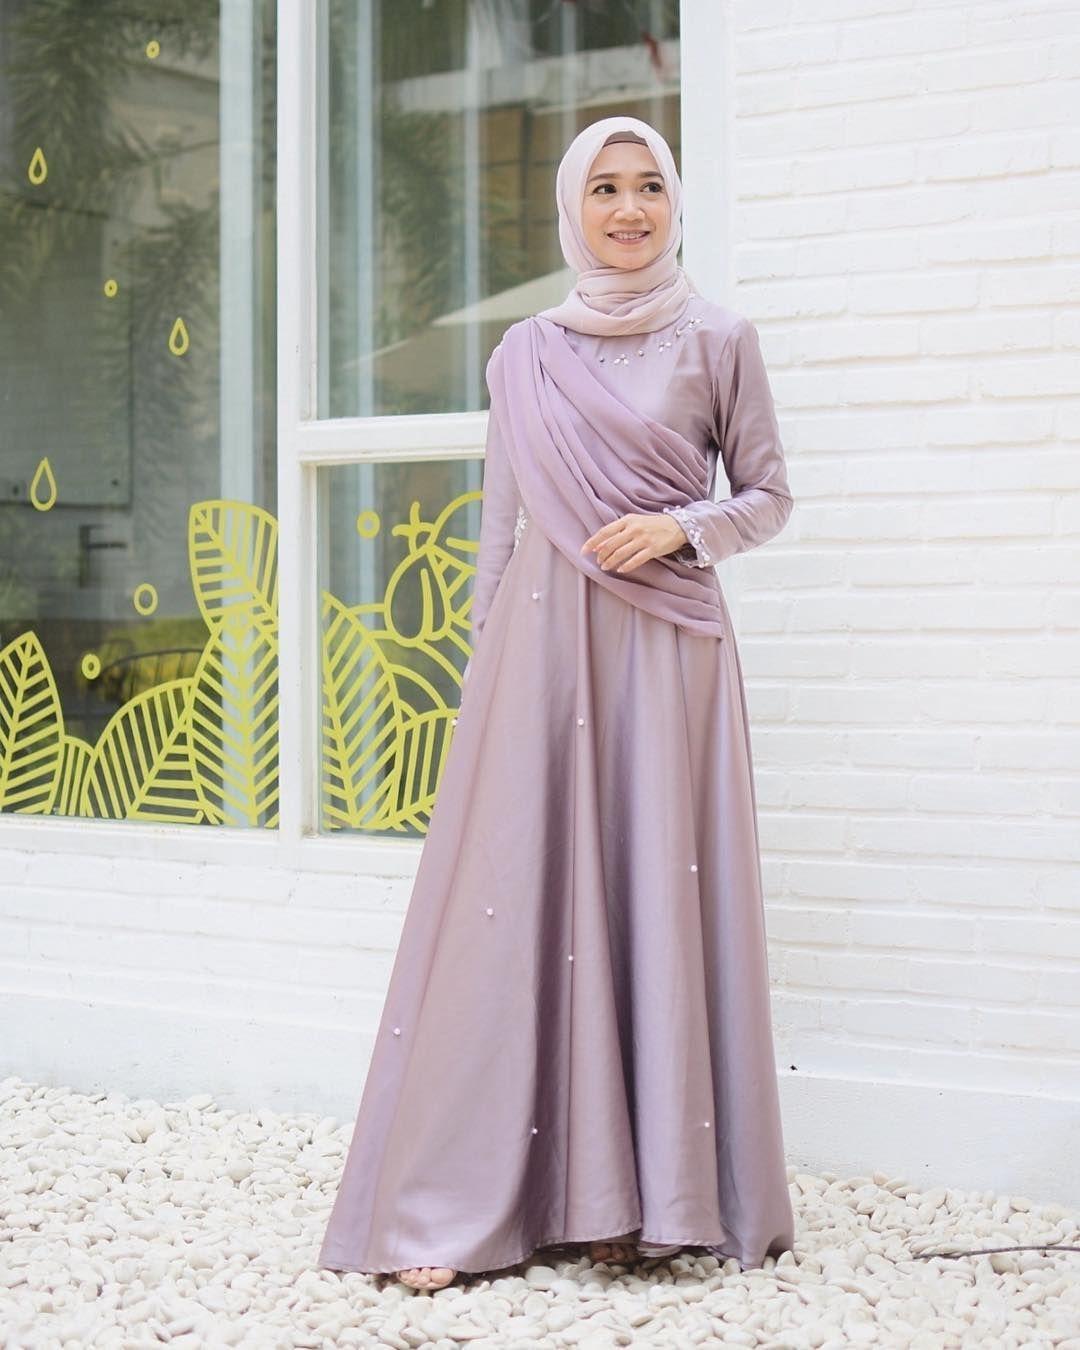 baju kondangan simple hijab dengan dress kekinian